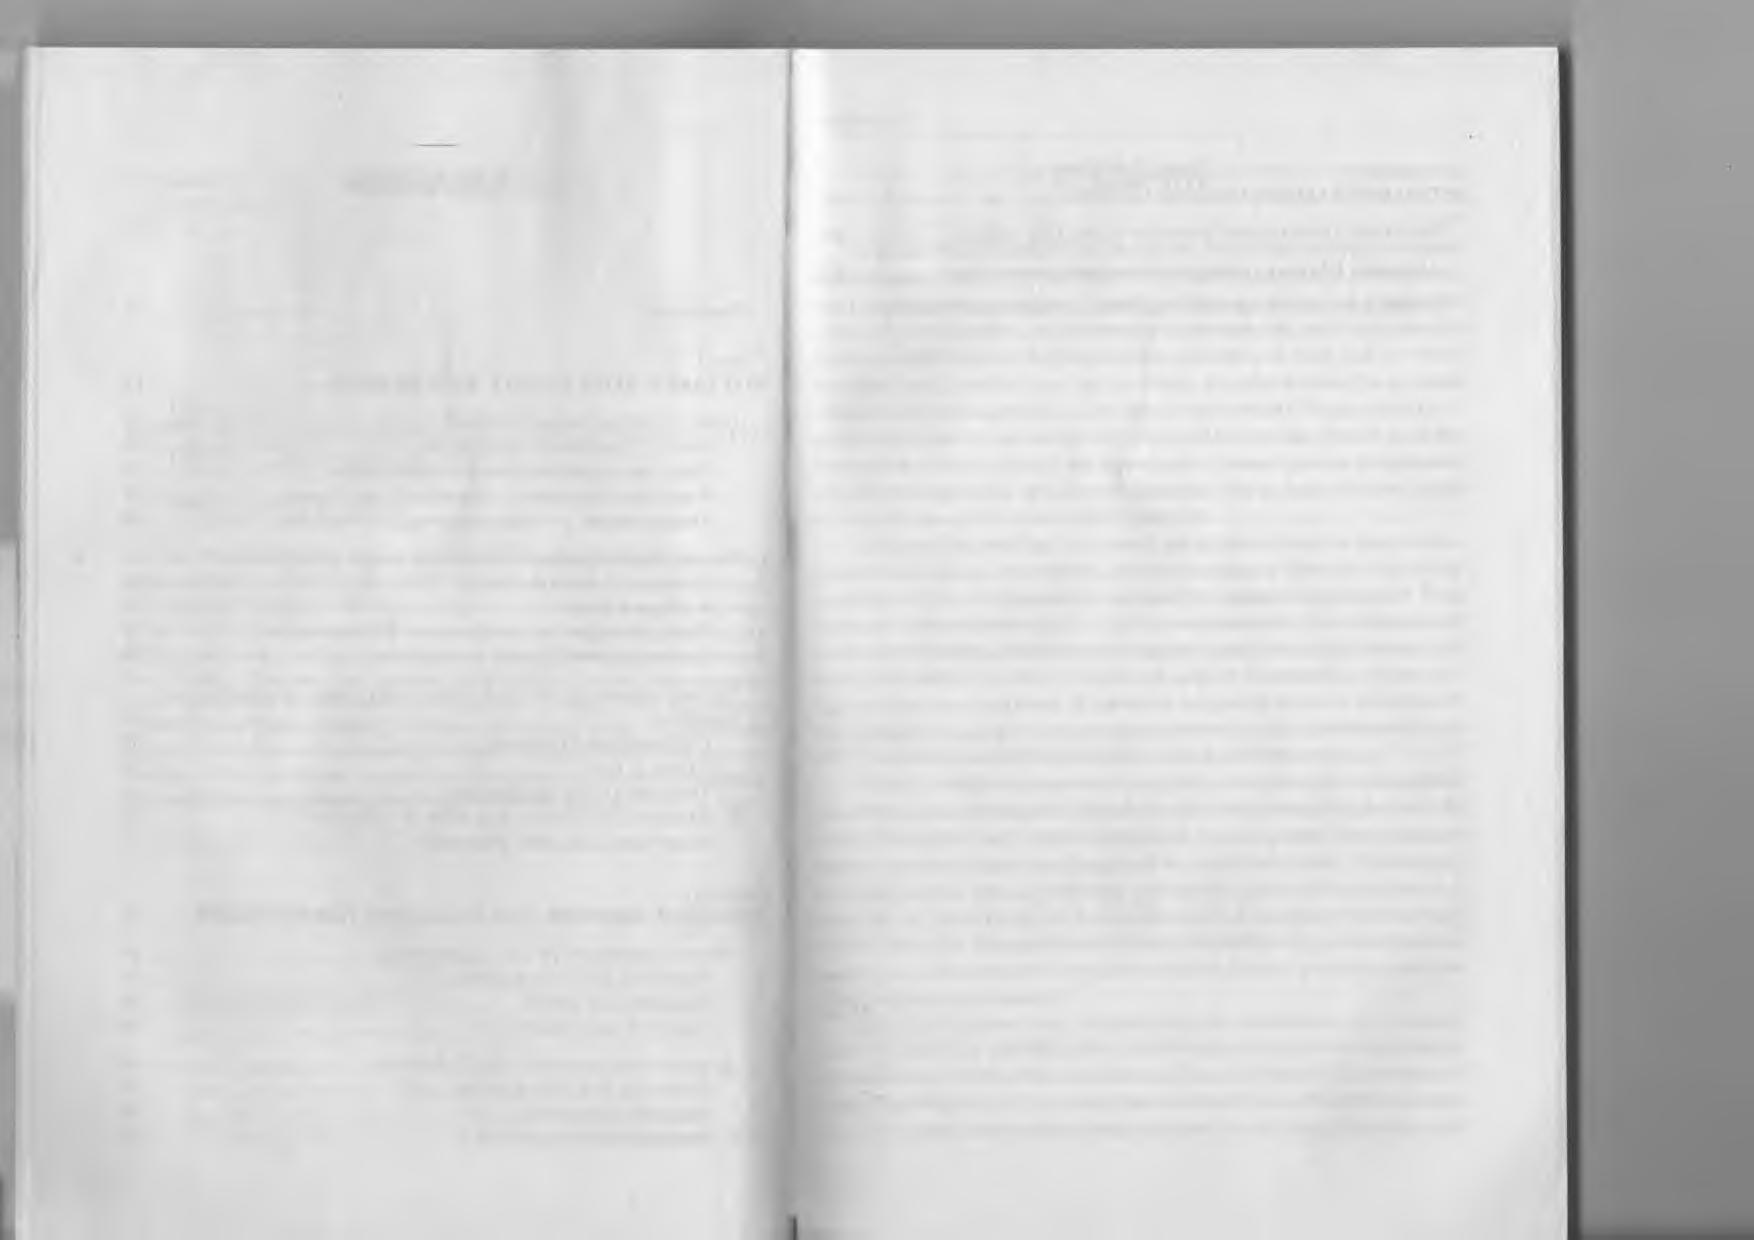 Интегрированная оод по конструированию из строительного материала и развитию речи в средней группе по сказке «три поросенка». воспитателям детских садов, школьным учителям и педагогам - маам.ру